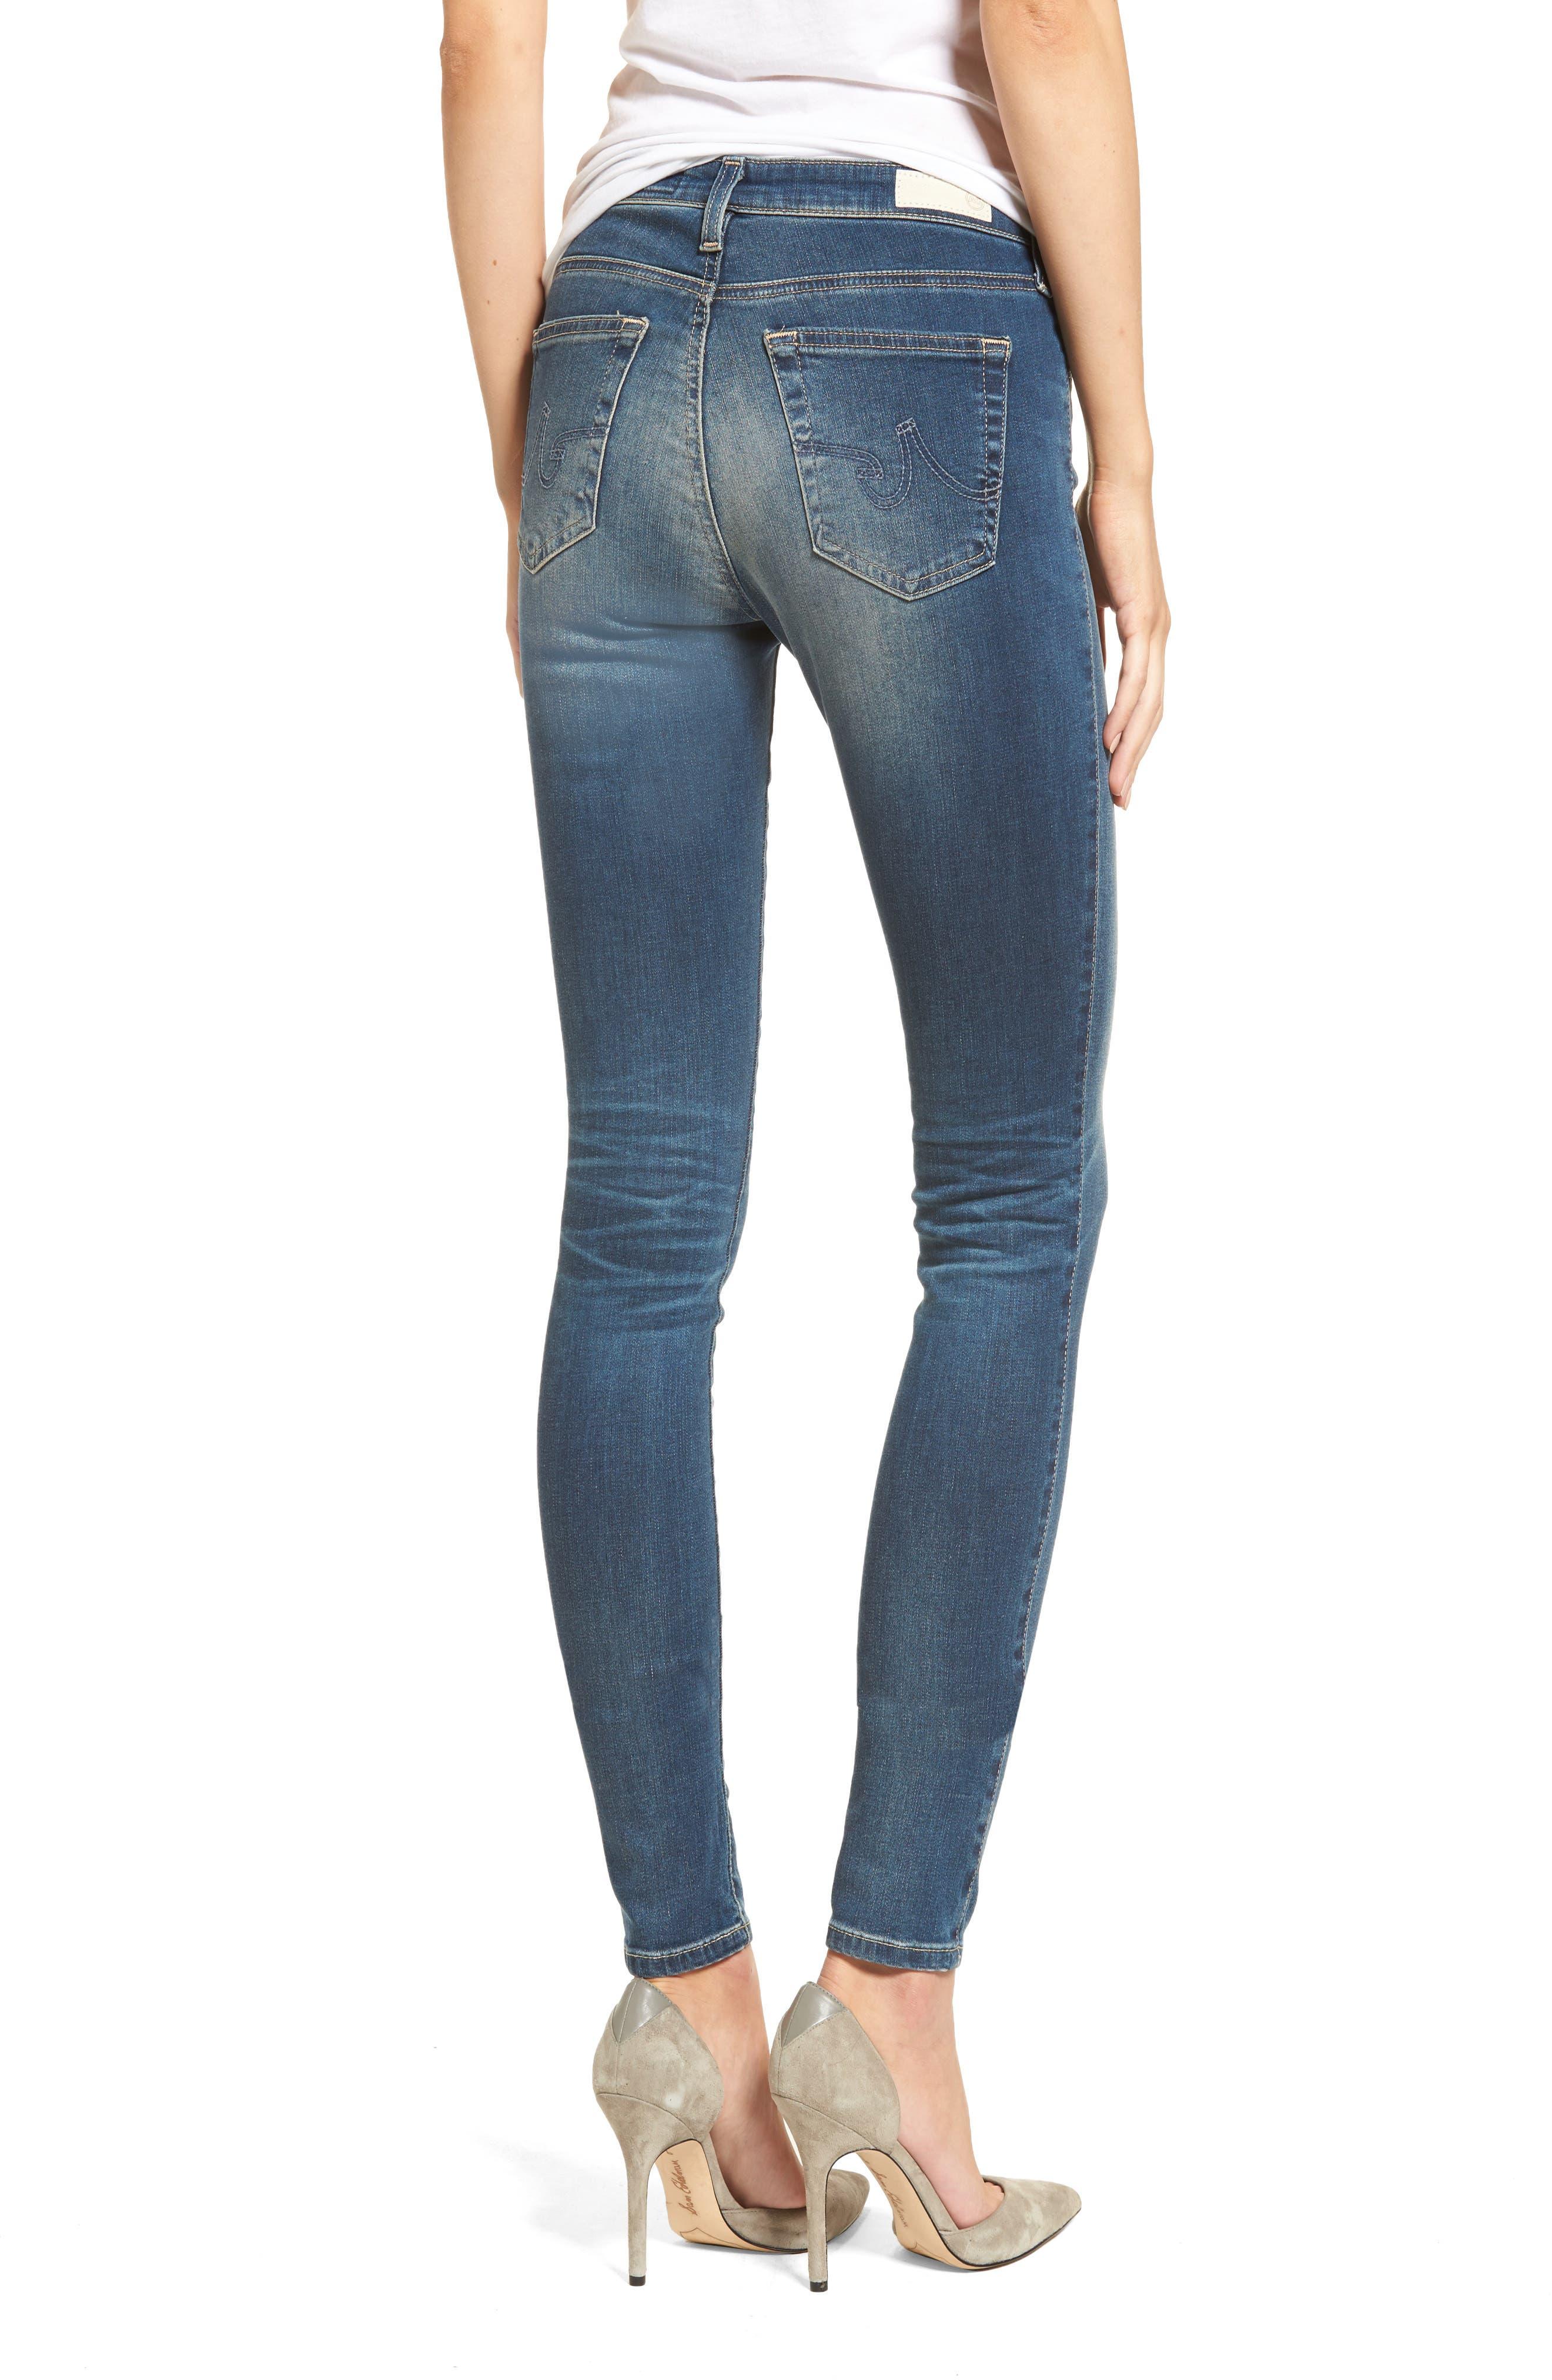 Alternate Image 2  - AG The Legging Super Skinny Jeans (12 Years Abide)